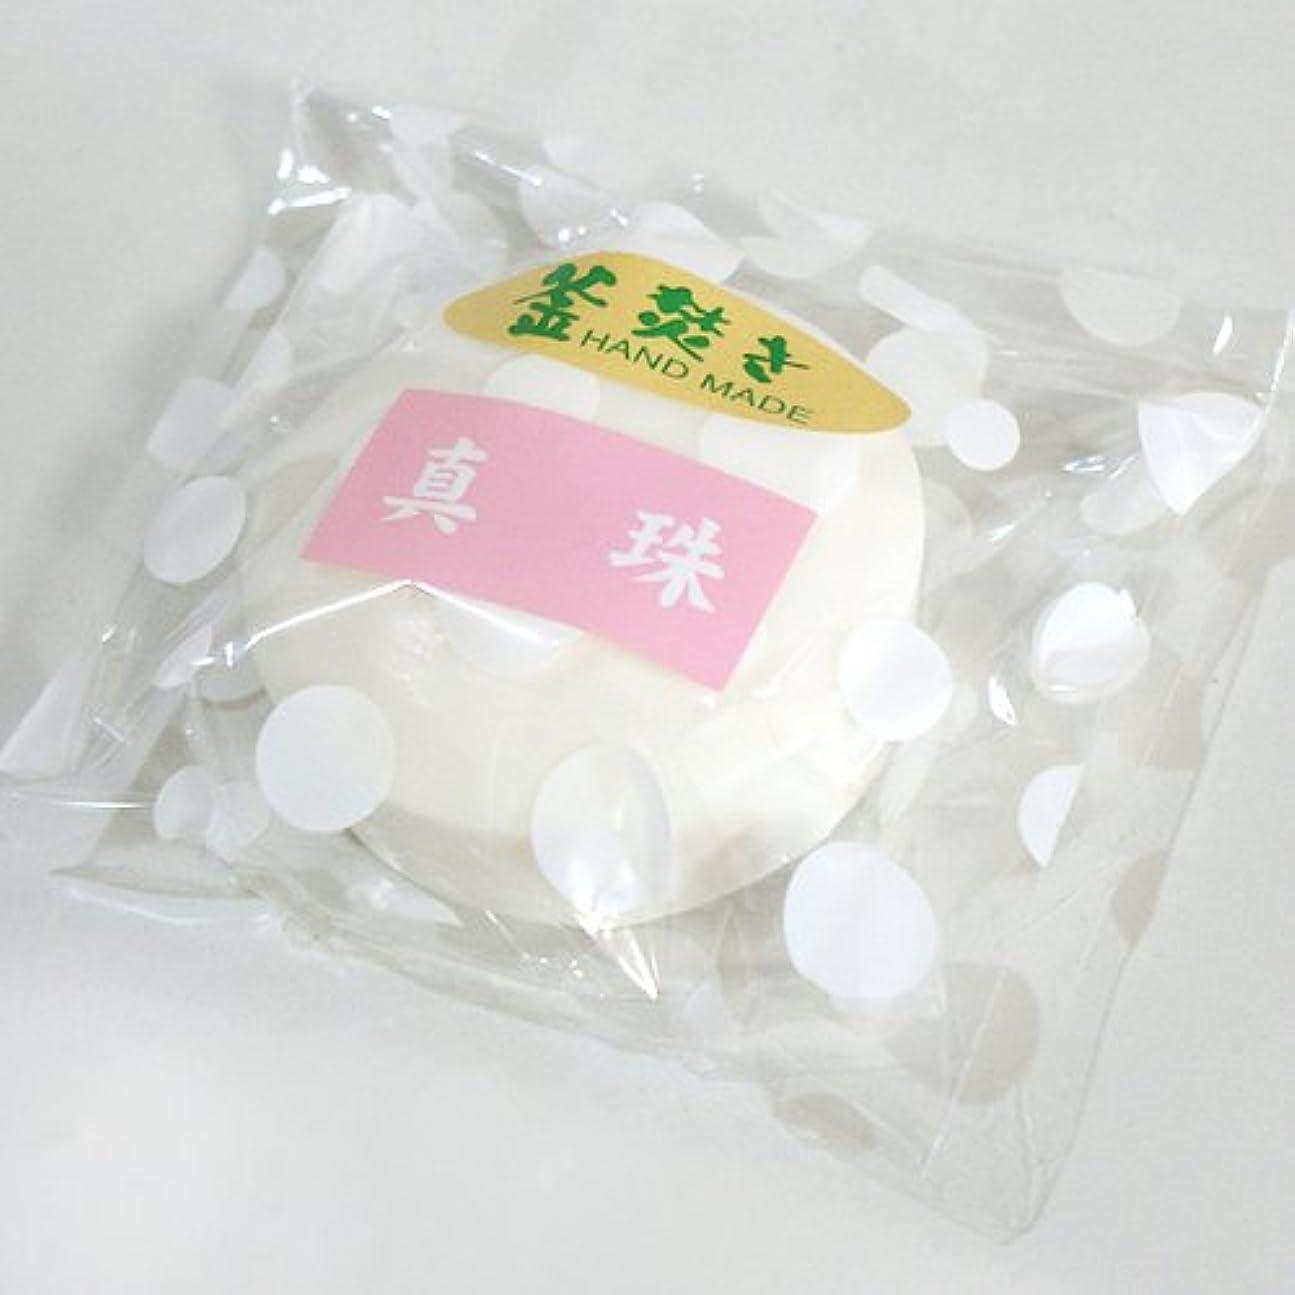 予防接種するクラシカルインデックス八坂石鹸 手作り石けん 真珠60g